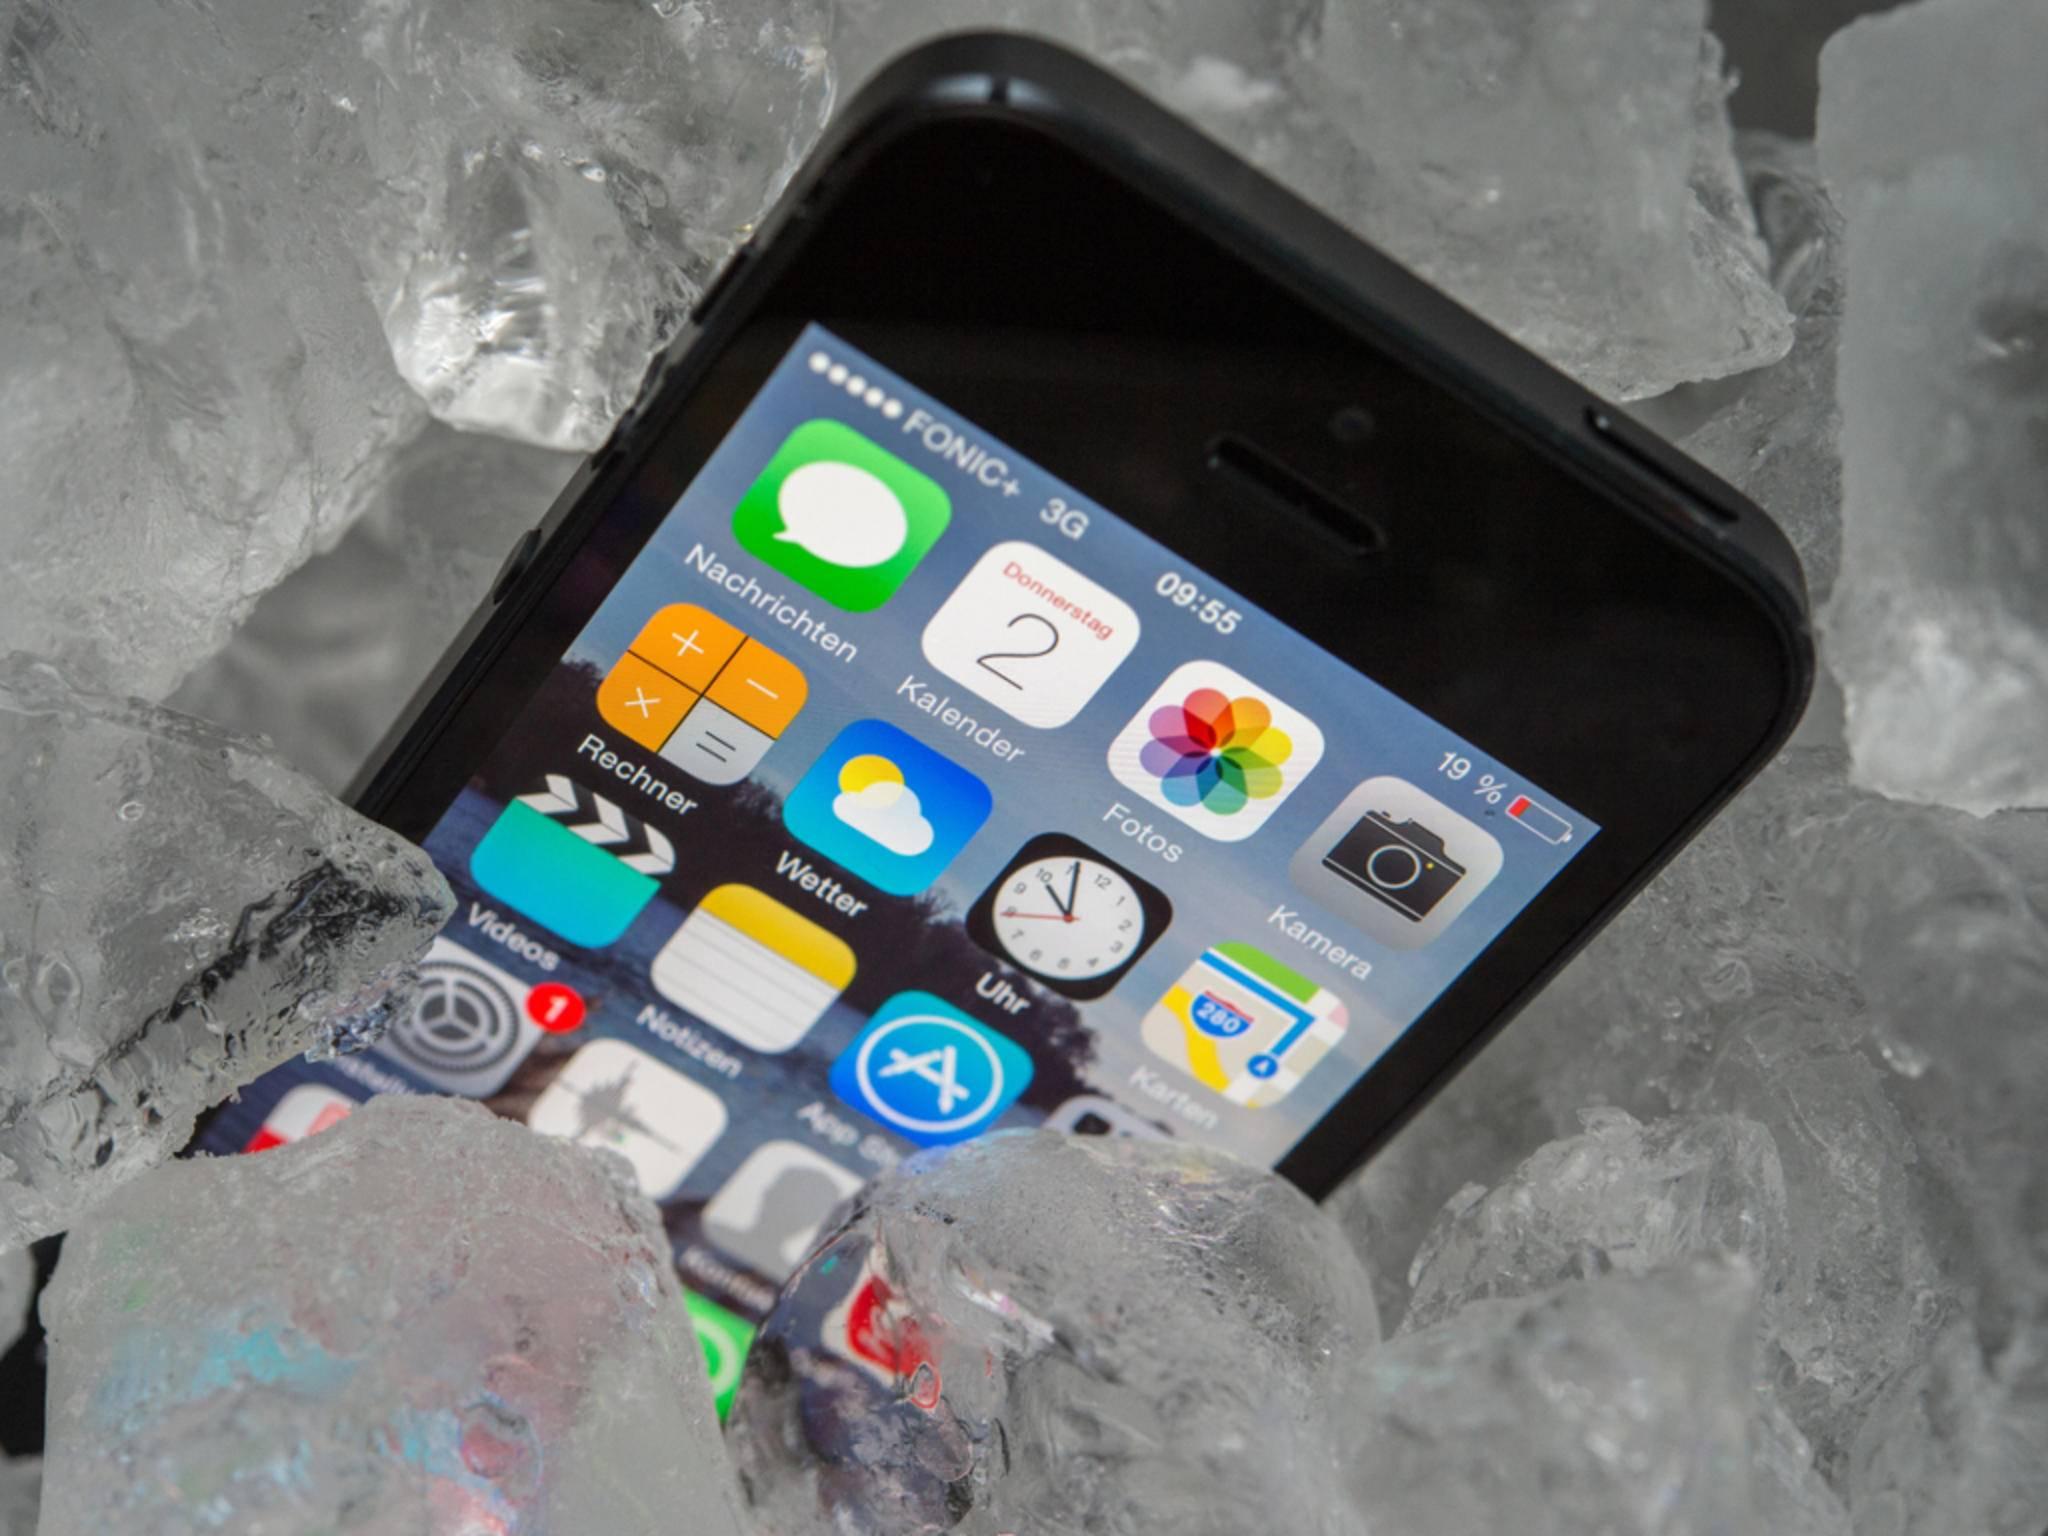 Immer beste Signalstärke: Auf der iPhone-Keynote wurde die Anzeige einfach programmiert.